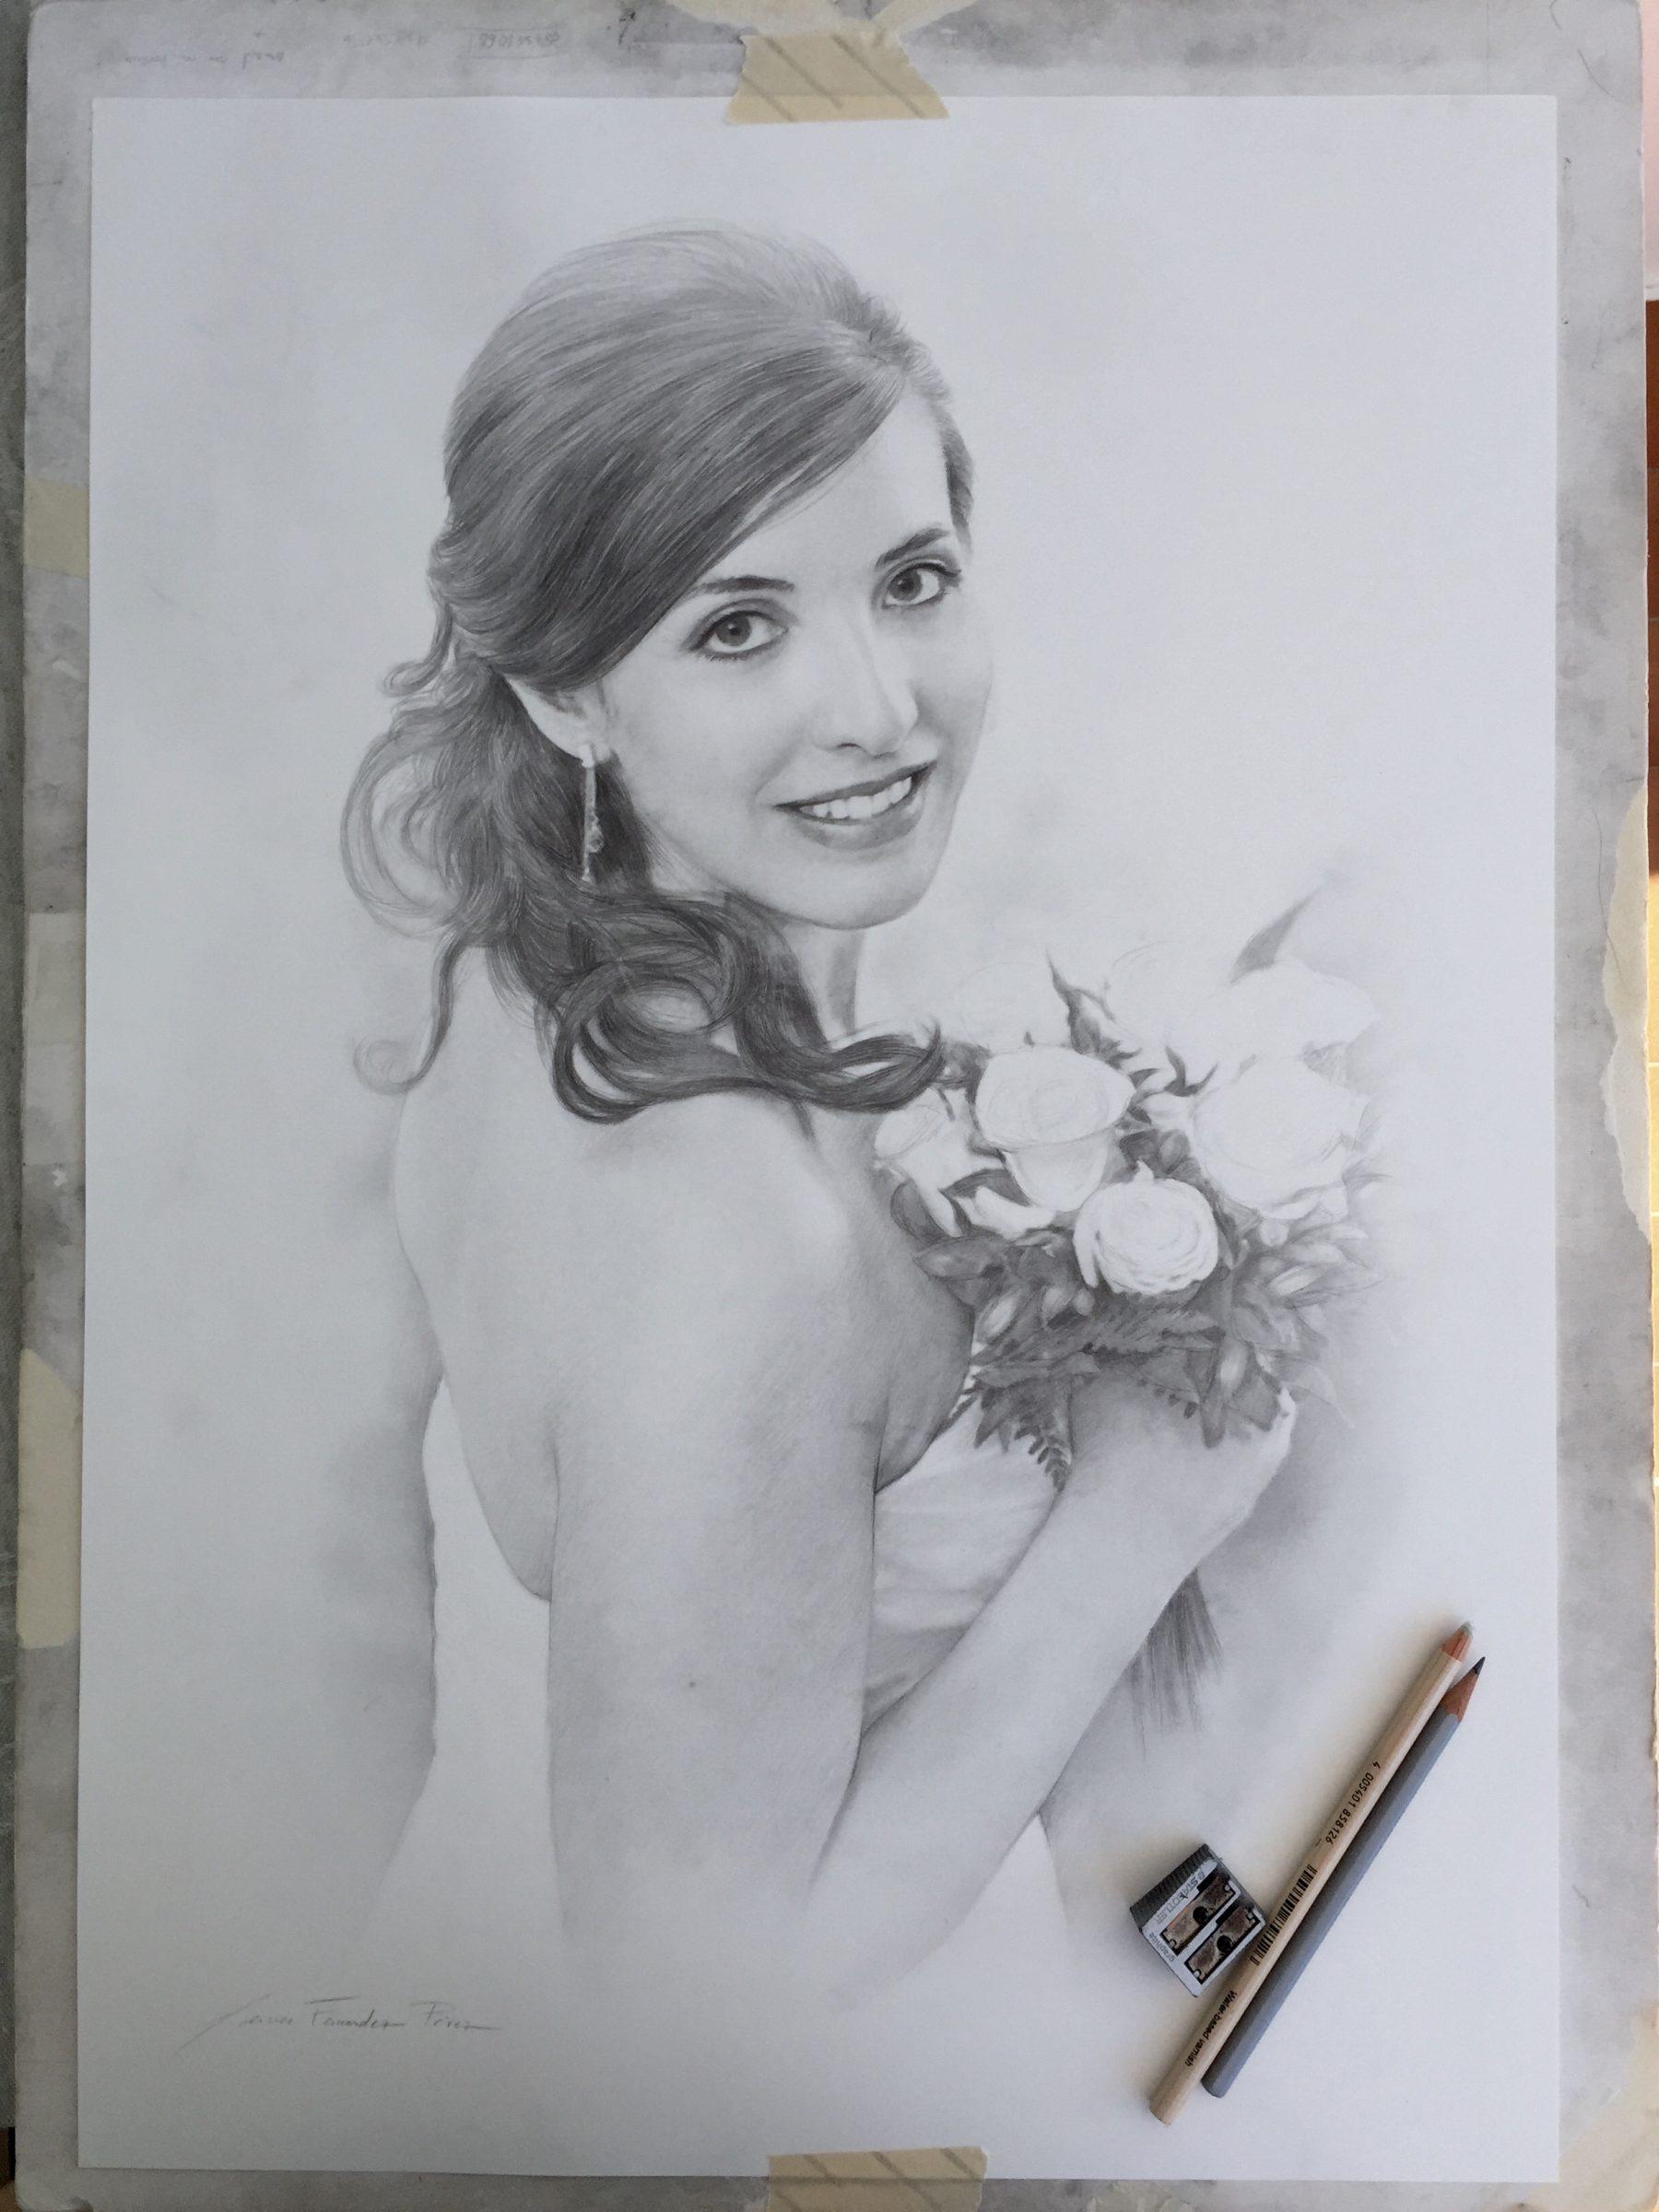 retratos-por-encargo-112-e1488843342698